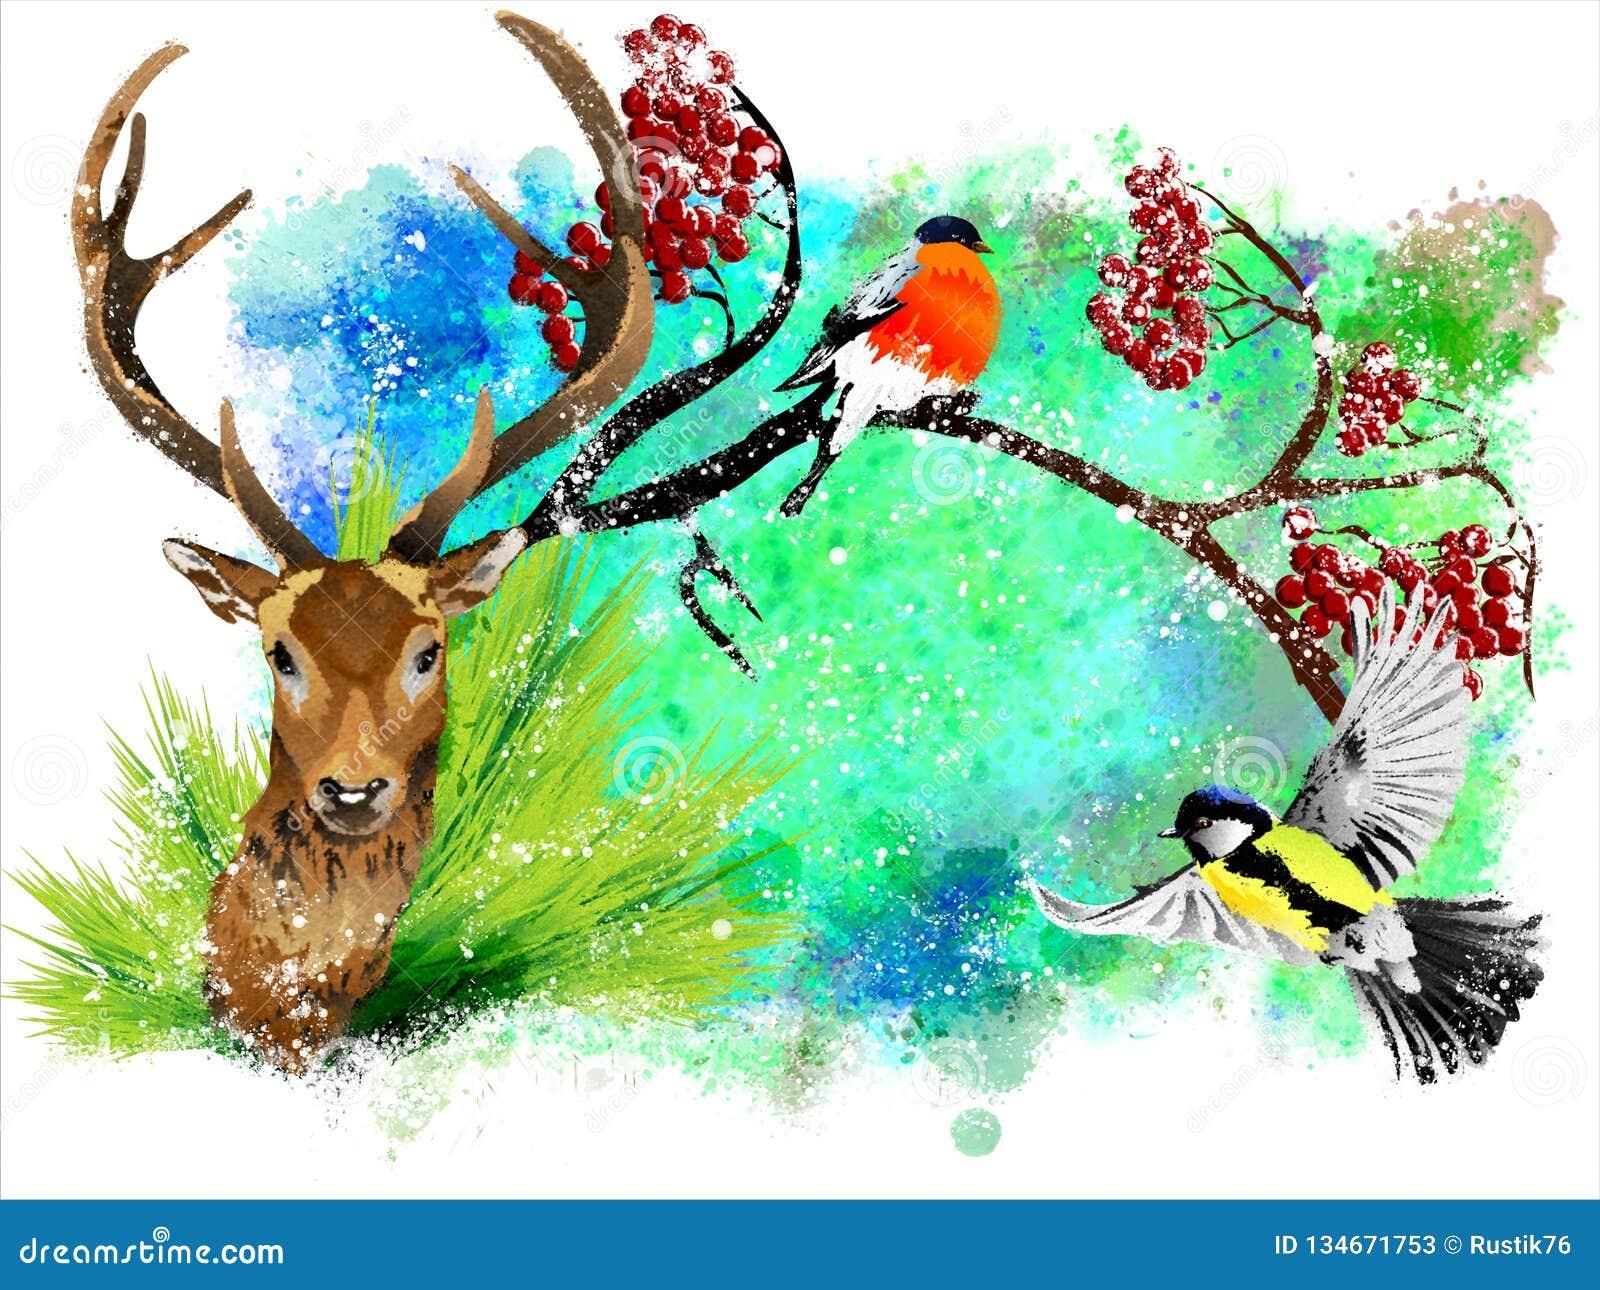 Tarjeta de Navidad con un ciervo y un piñonero en un fondo abstracto colorido